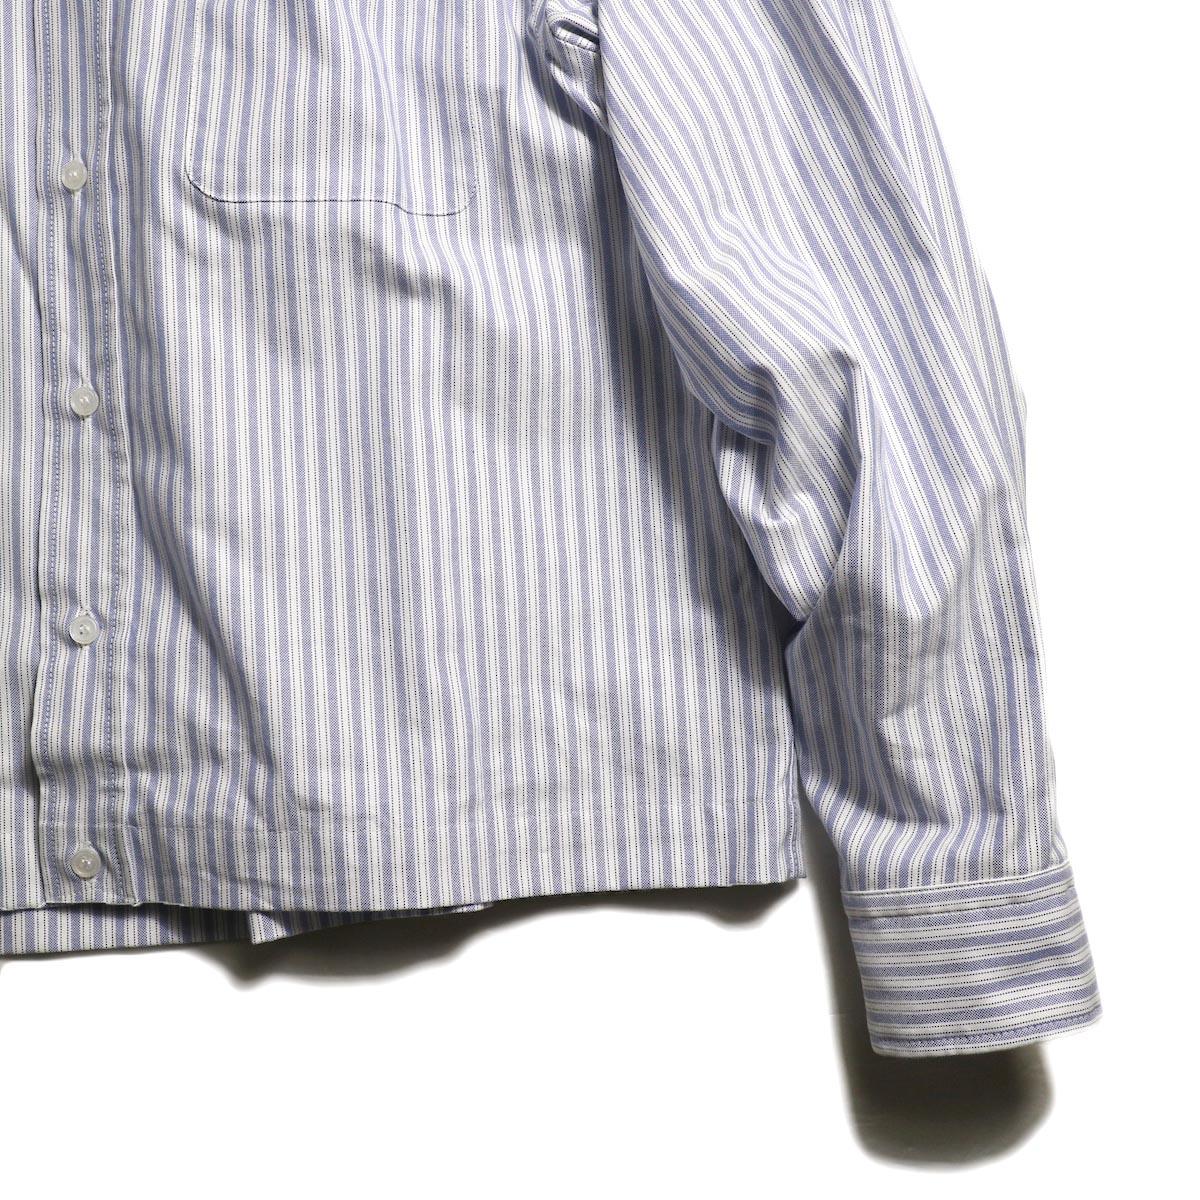 EVCON / CROPPED OXFORD BD SHIRT (Navy Stripe)袖、裾